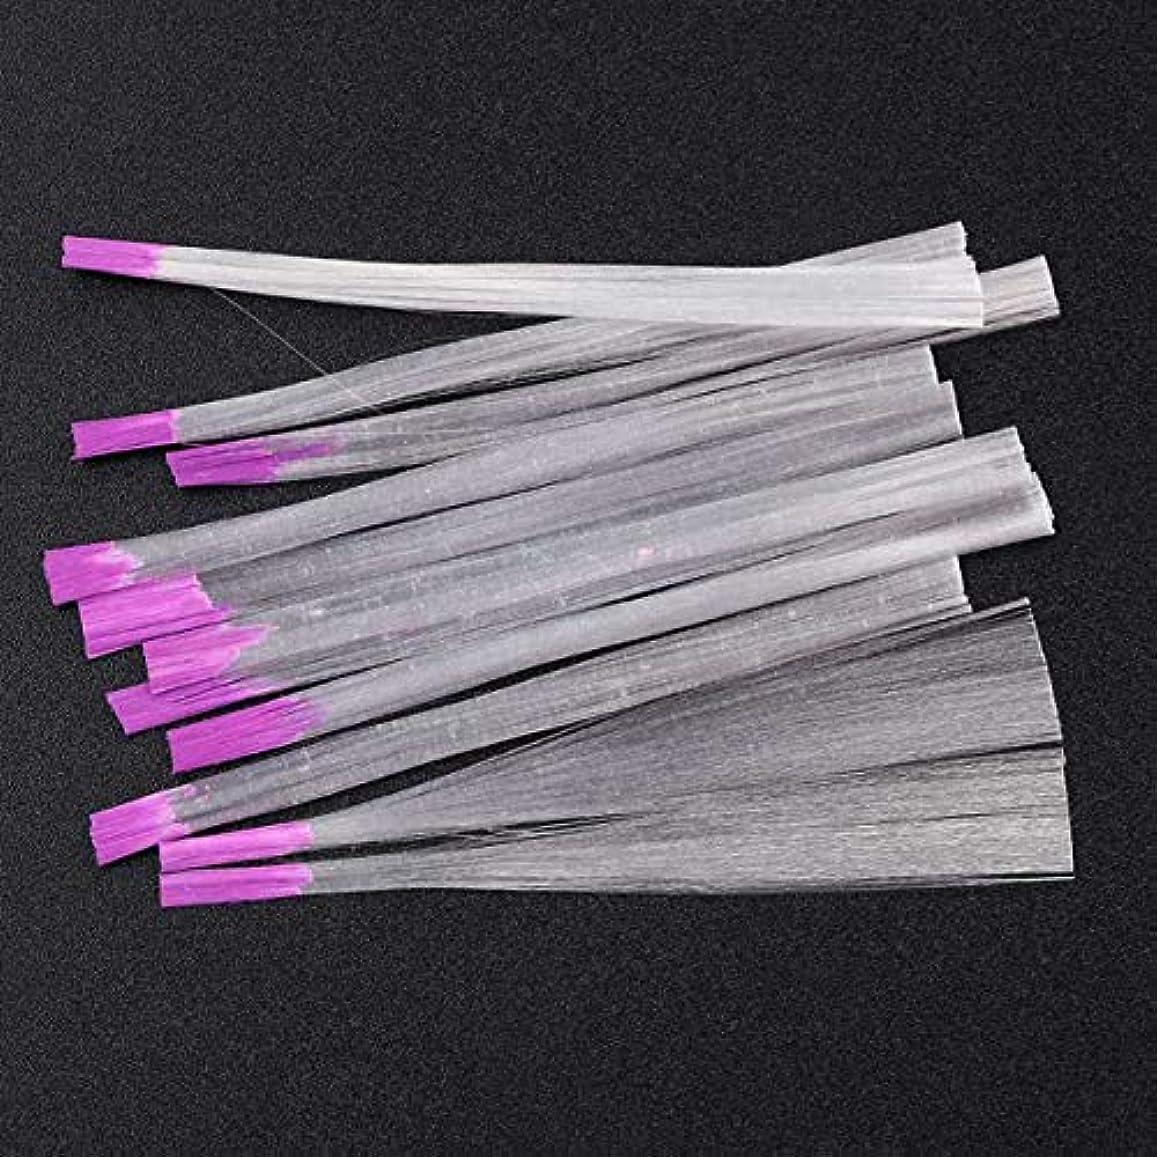 名前で疎外する王子サリーの店 アップグレードされたバージョン透明な釘ファイバーグラス釘絹拡張子アクリルのヒントサロンツール(None Picture Color)